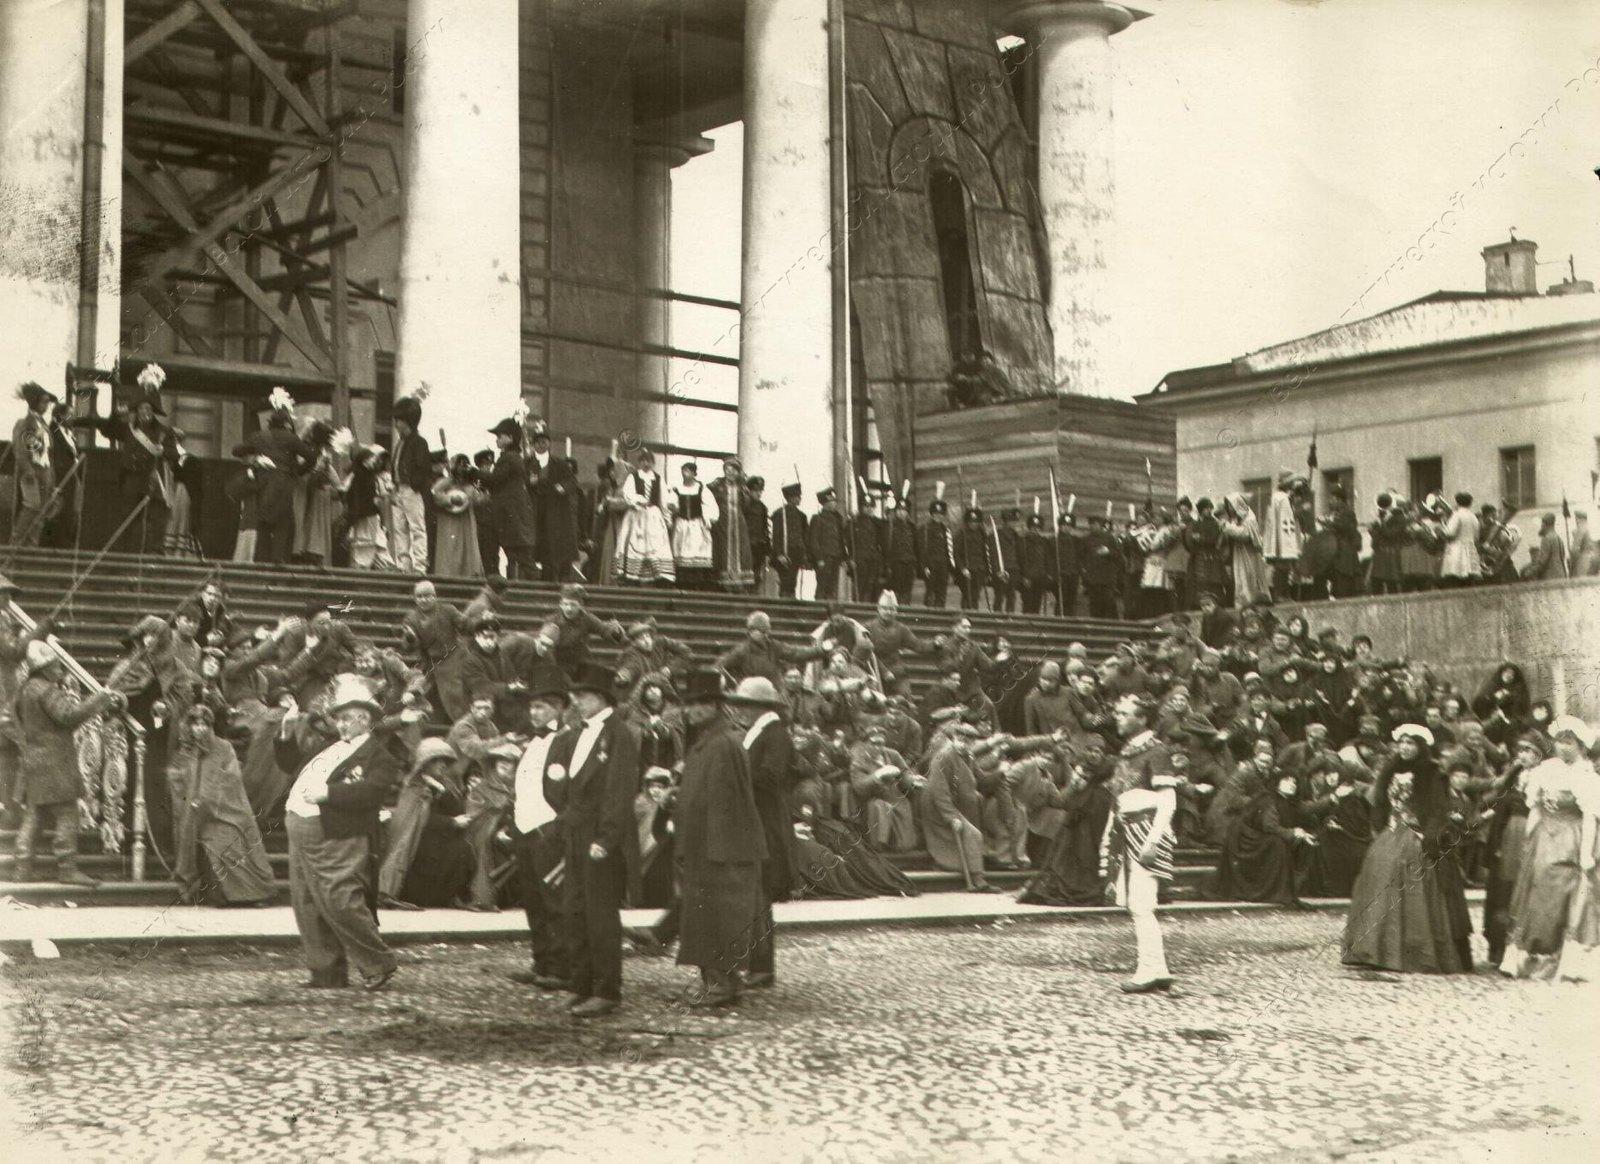 1920. Сцены из спектакля Освобожденный труд. Мистерия поставлена 1 Мая у Фондовой Биржи (3)